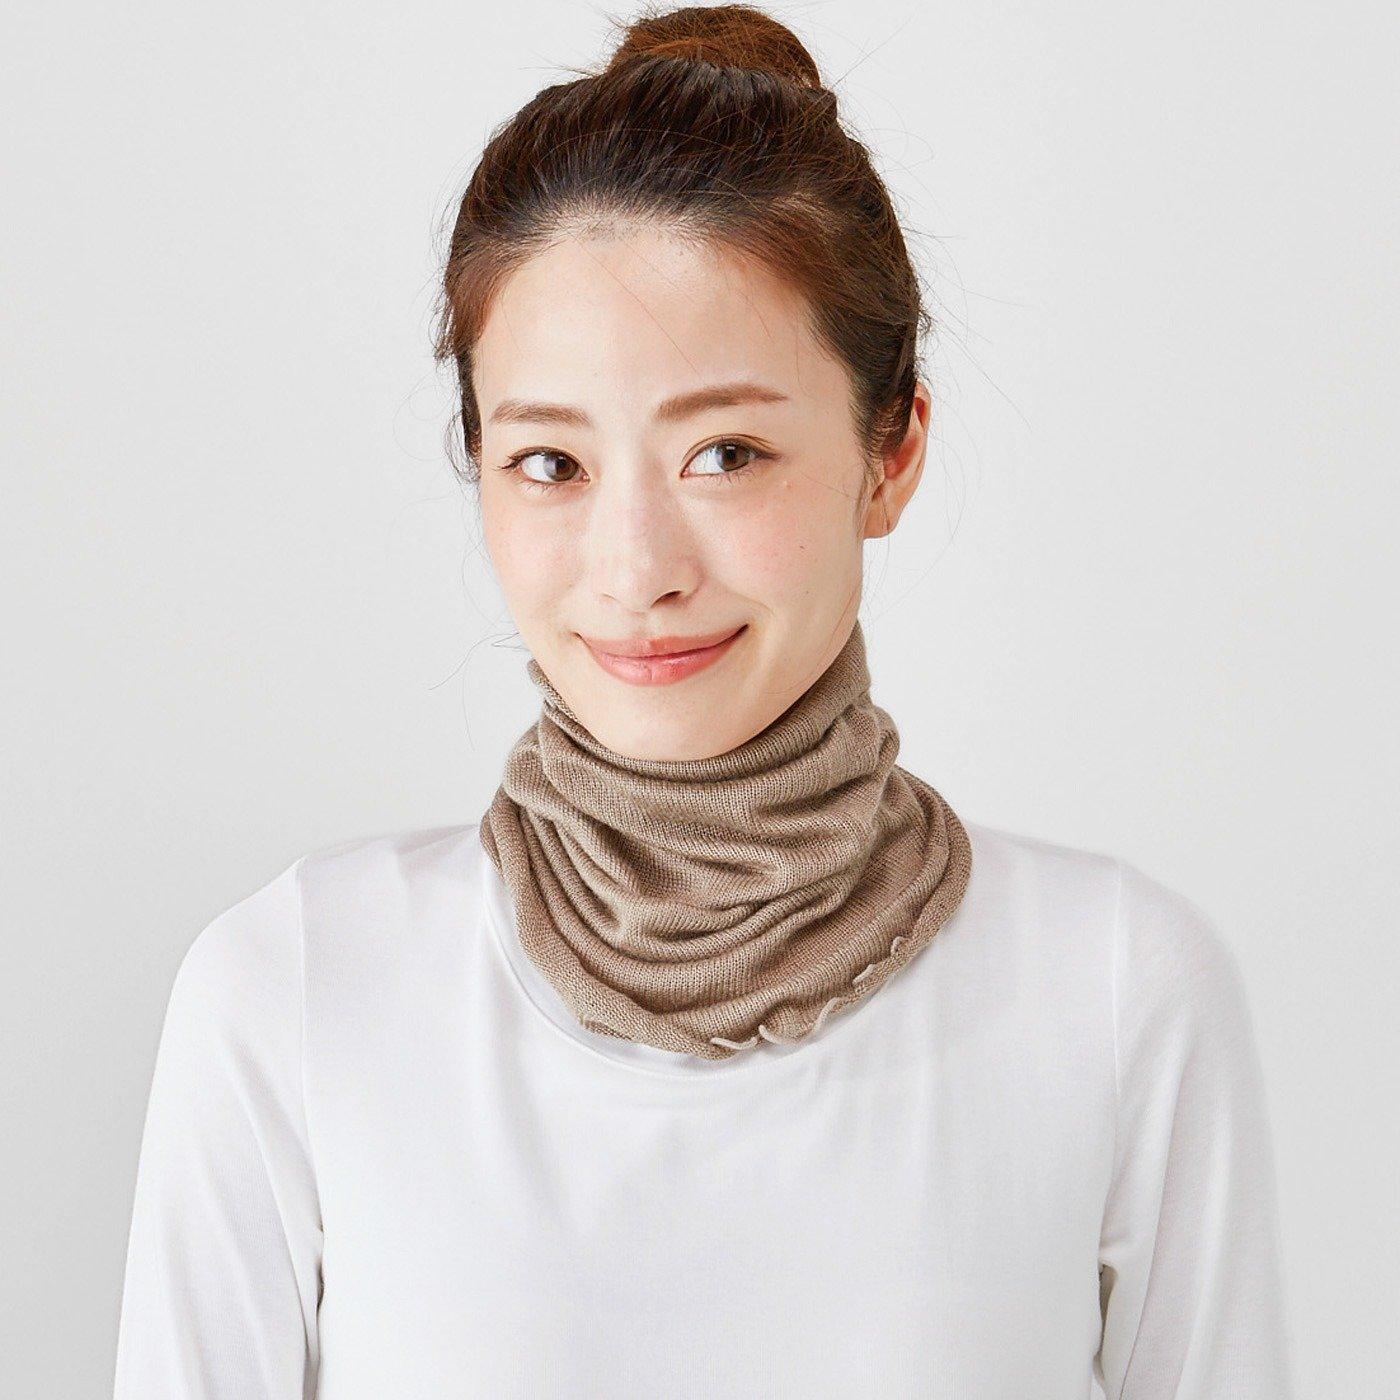 肌にとろける心地よさ 起毛シルクで編み立てたネックウォーマーの会